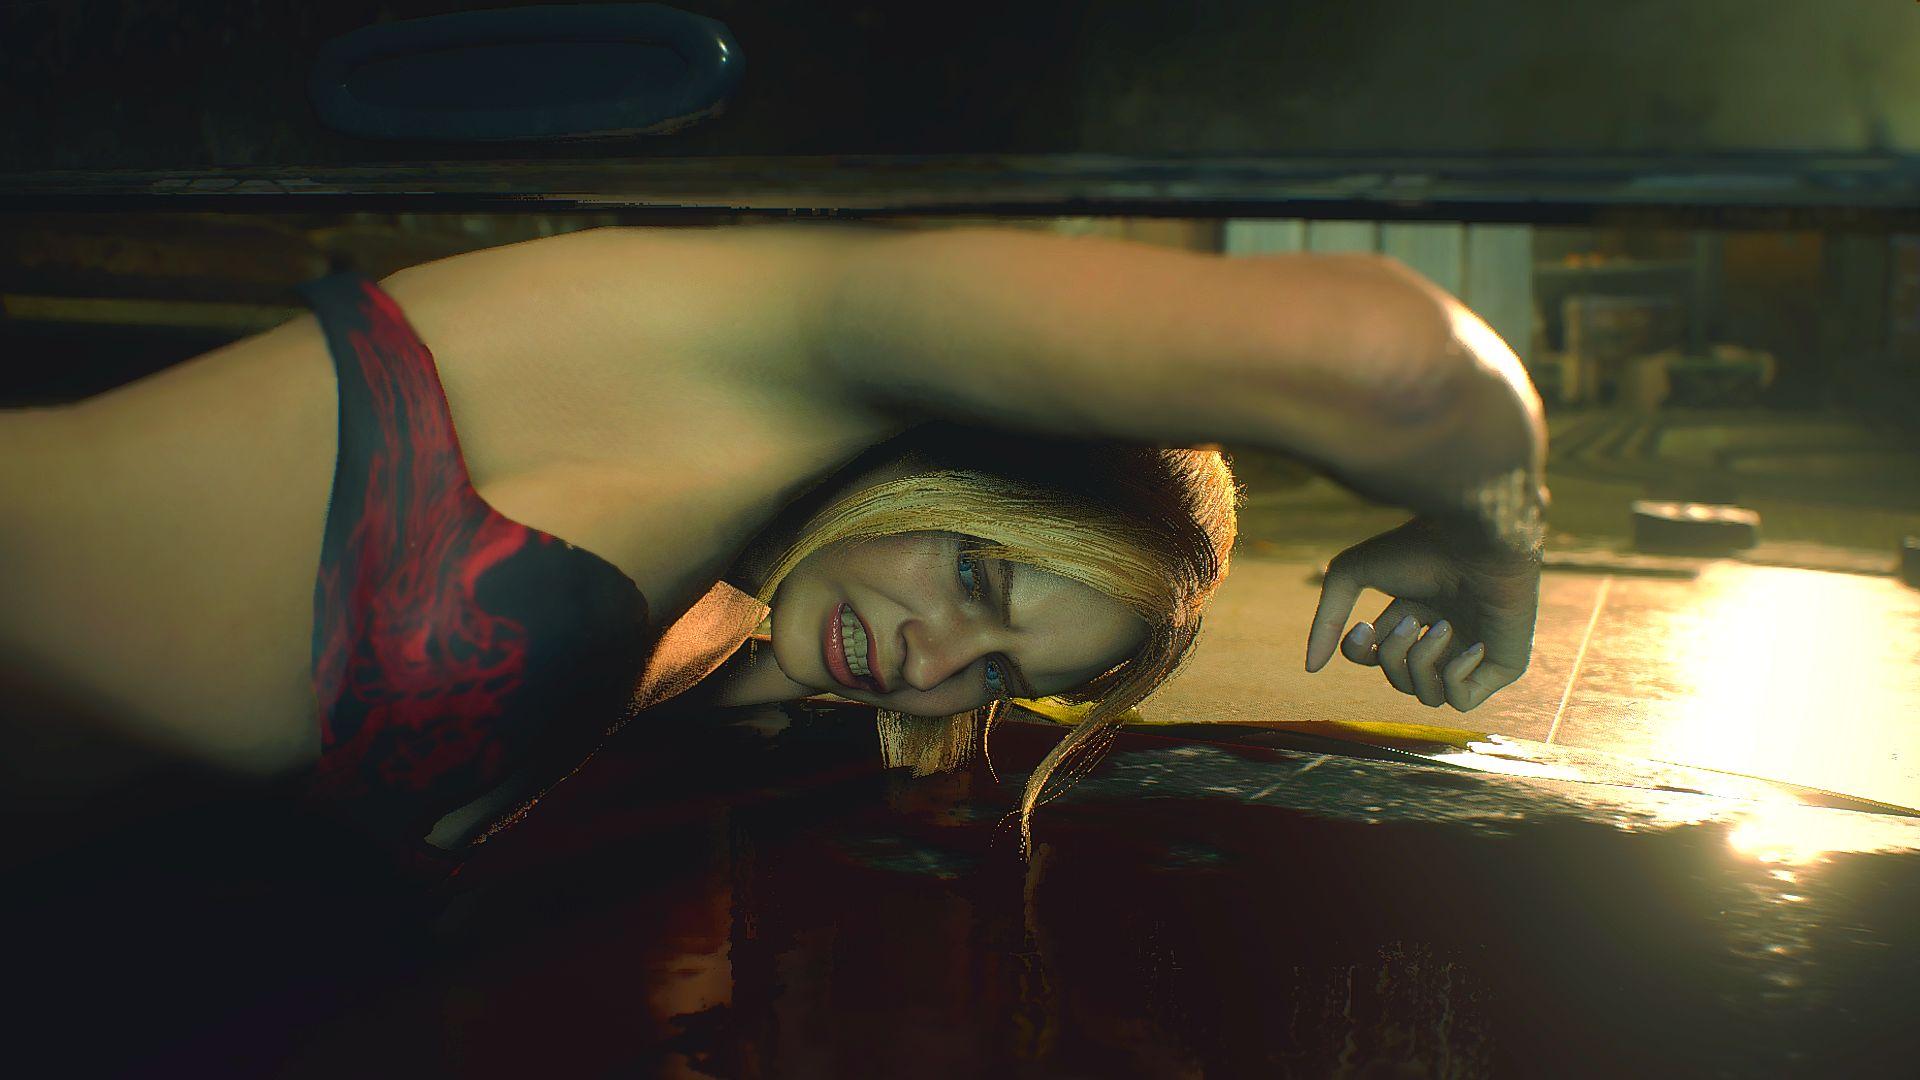 001184.Jpg - Resident Evil 2